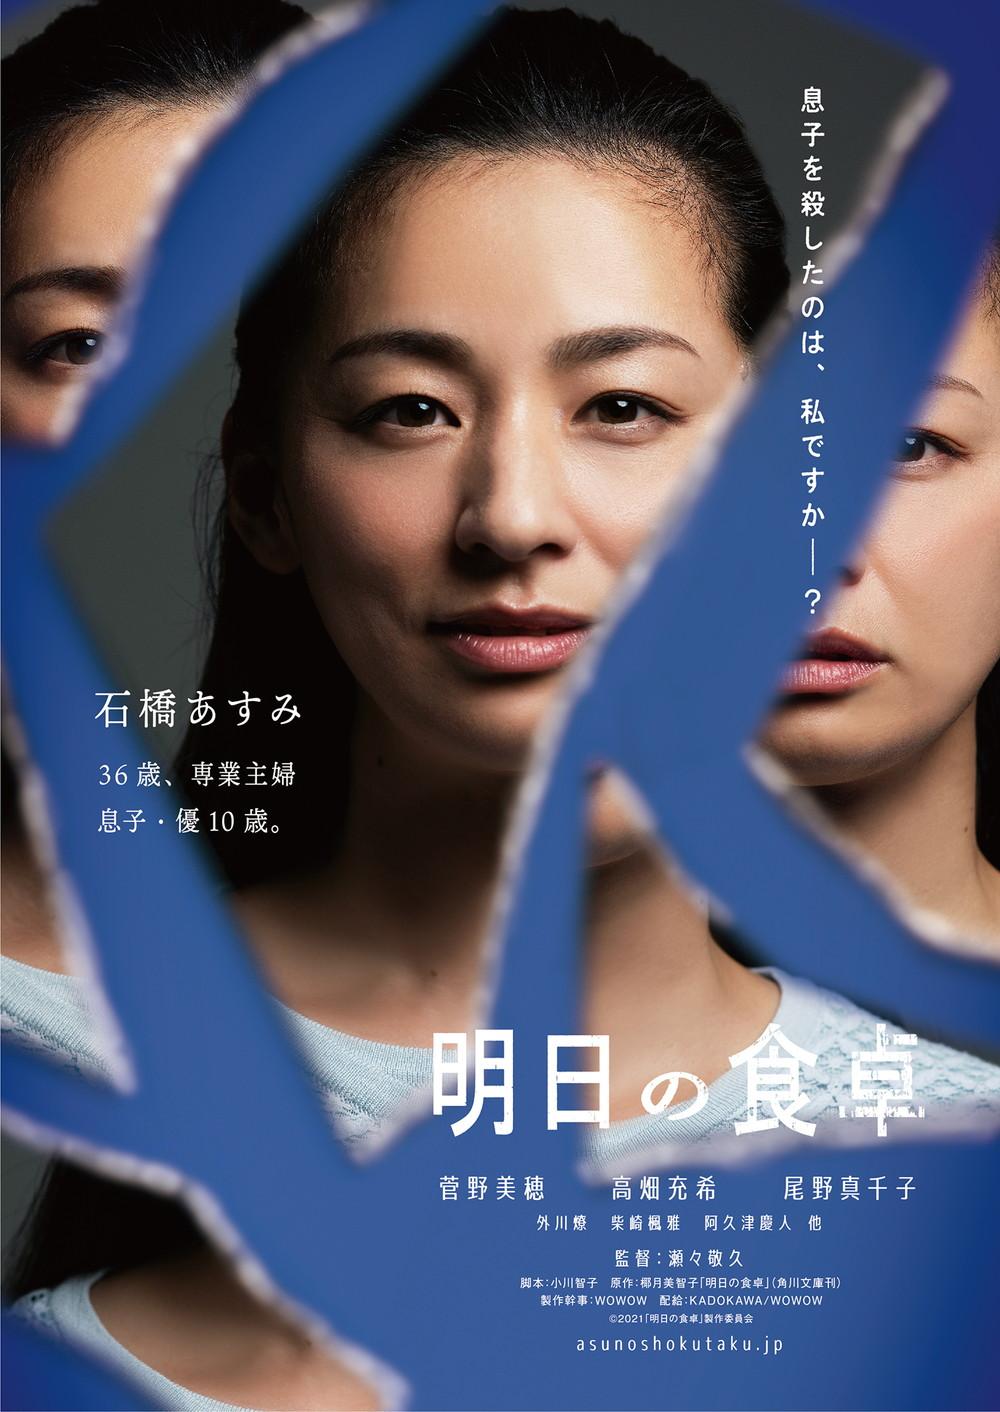 映画「明日の食卓」 尾野真千子